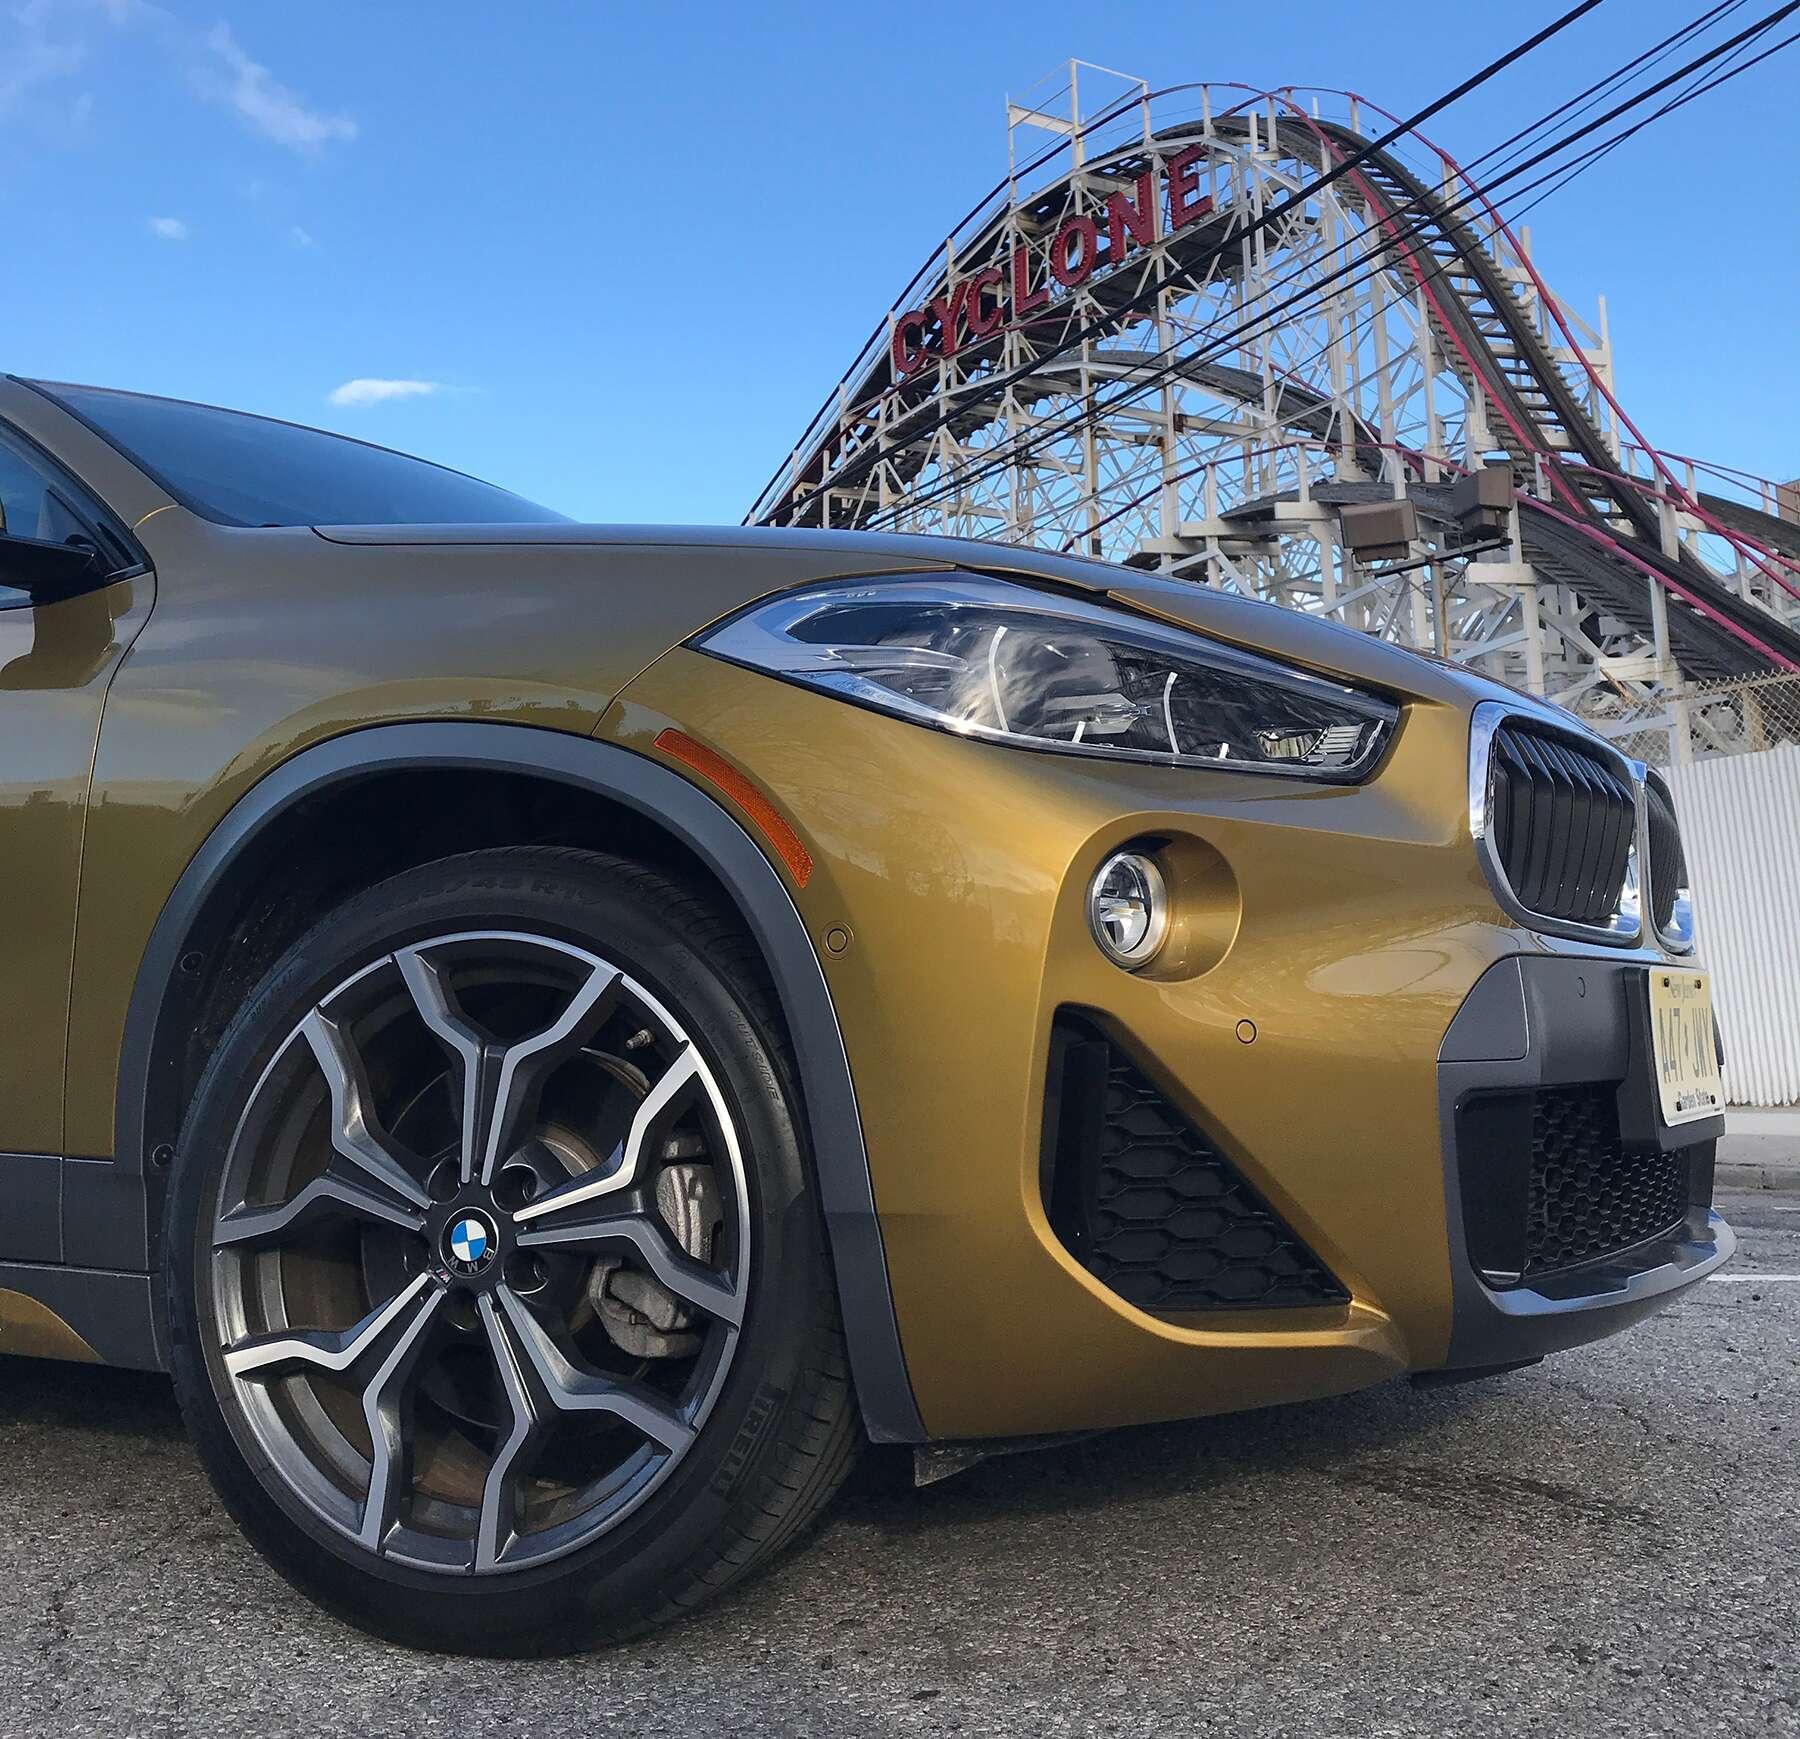 Bmw X2 Sport: 2018 BMW X2 XDrive28i Review: A Sporty Subcompact